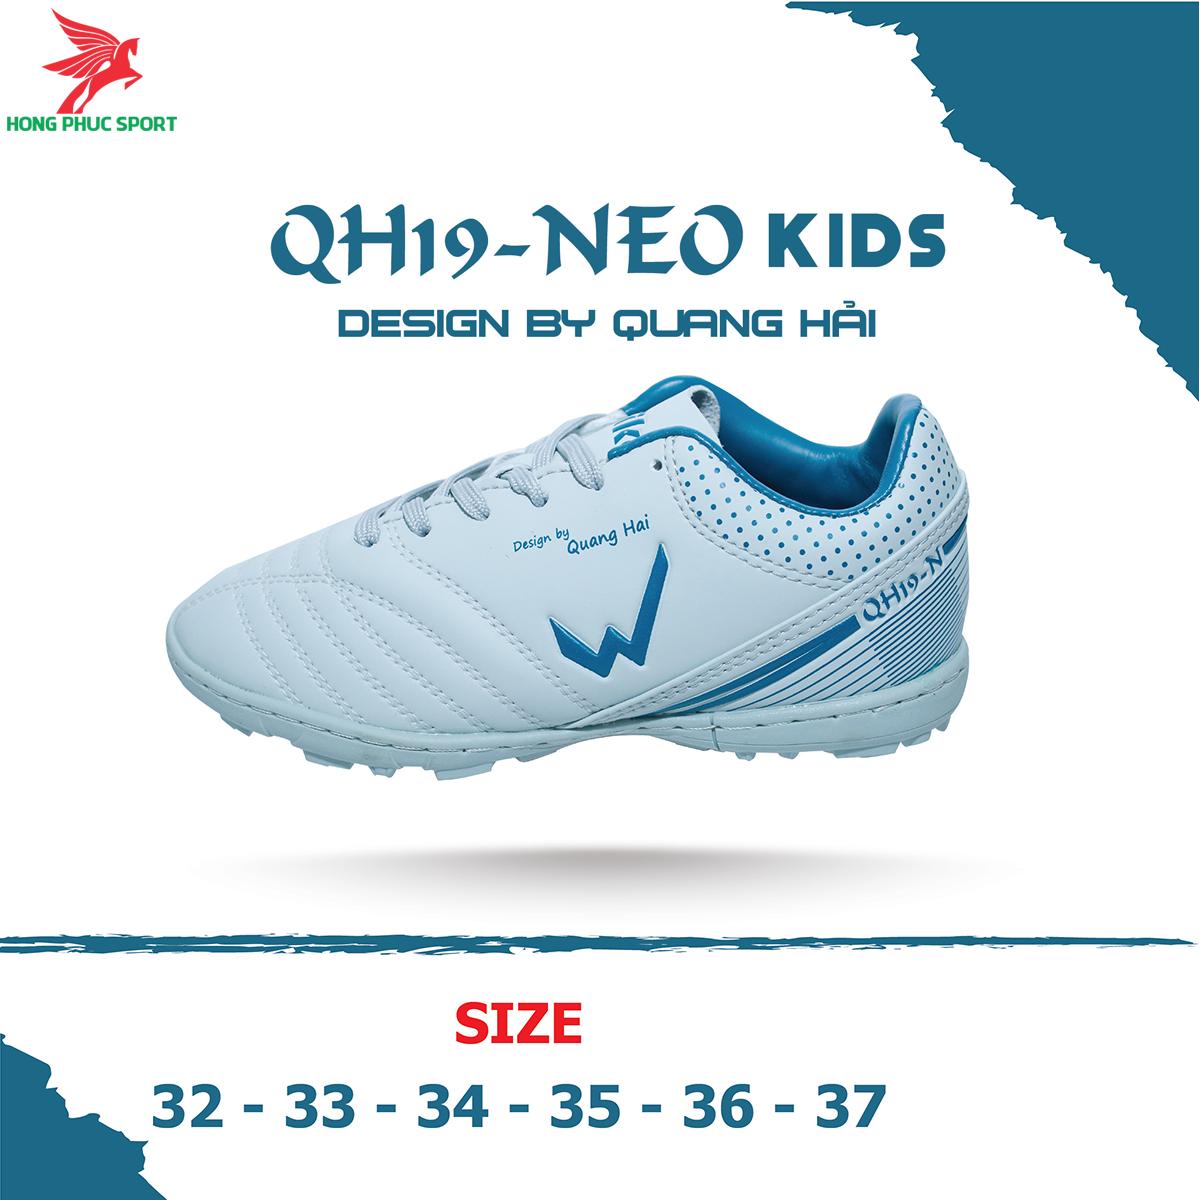 Giày đá banh Wika QH19 Neo Kids sân cỏ nhân tạo màu Xám (2)